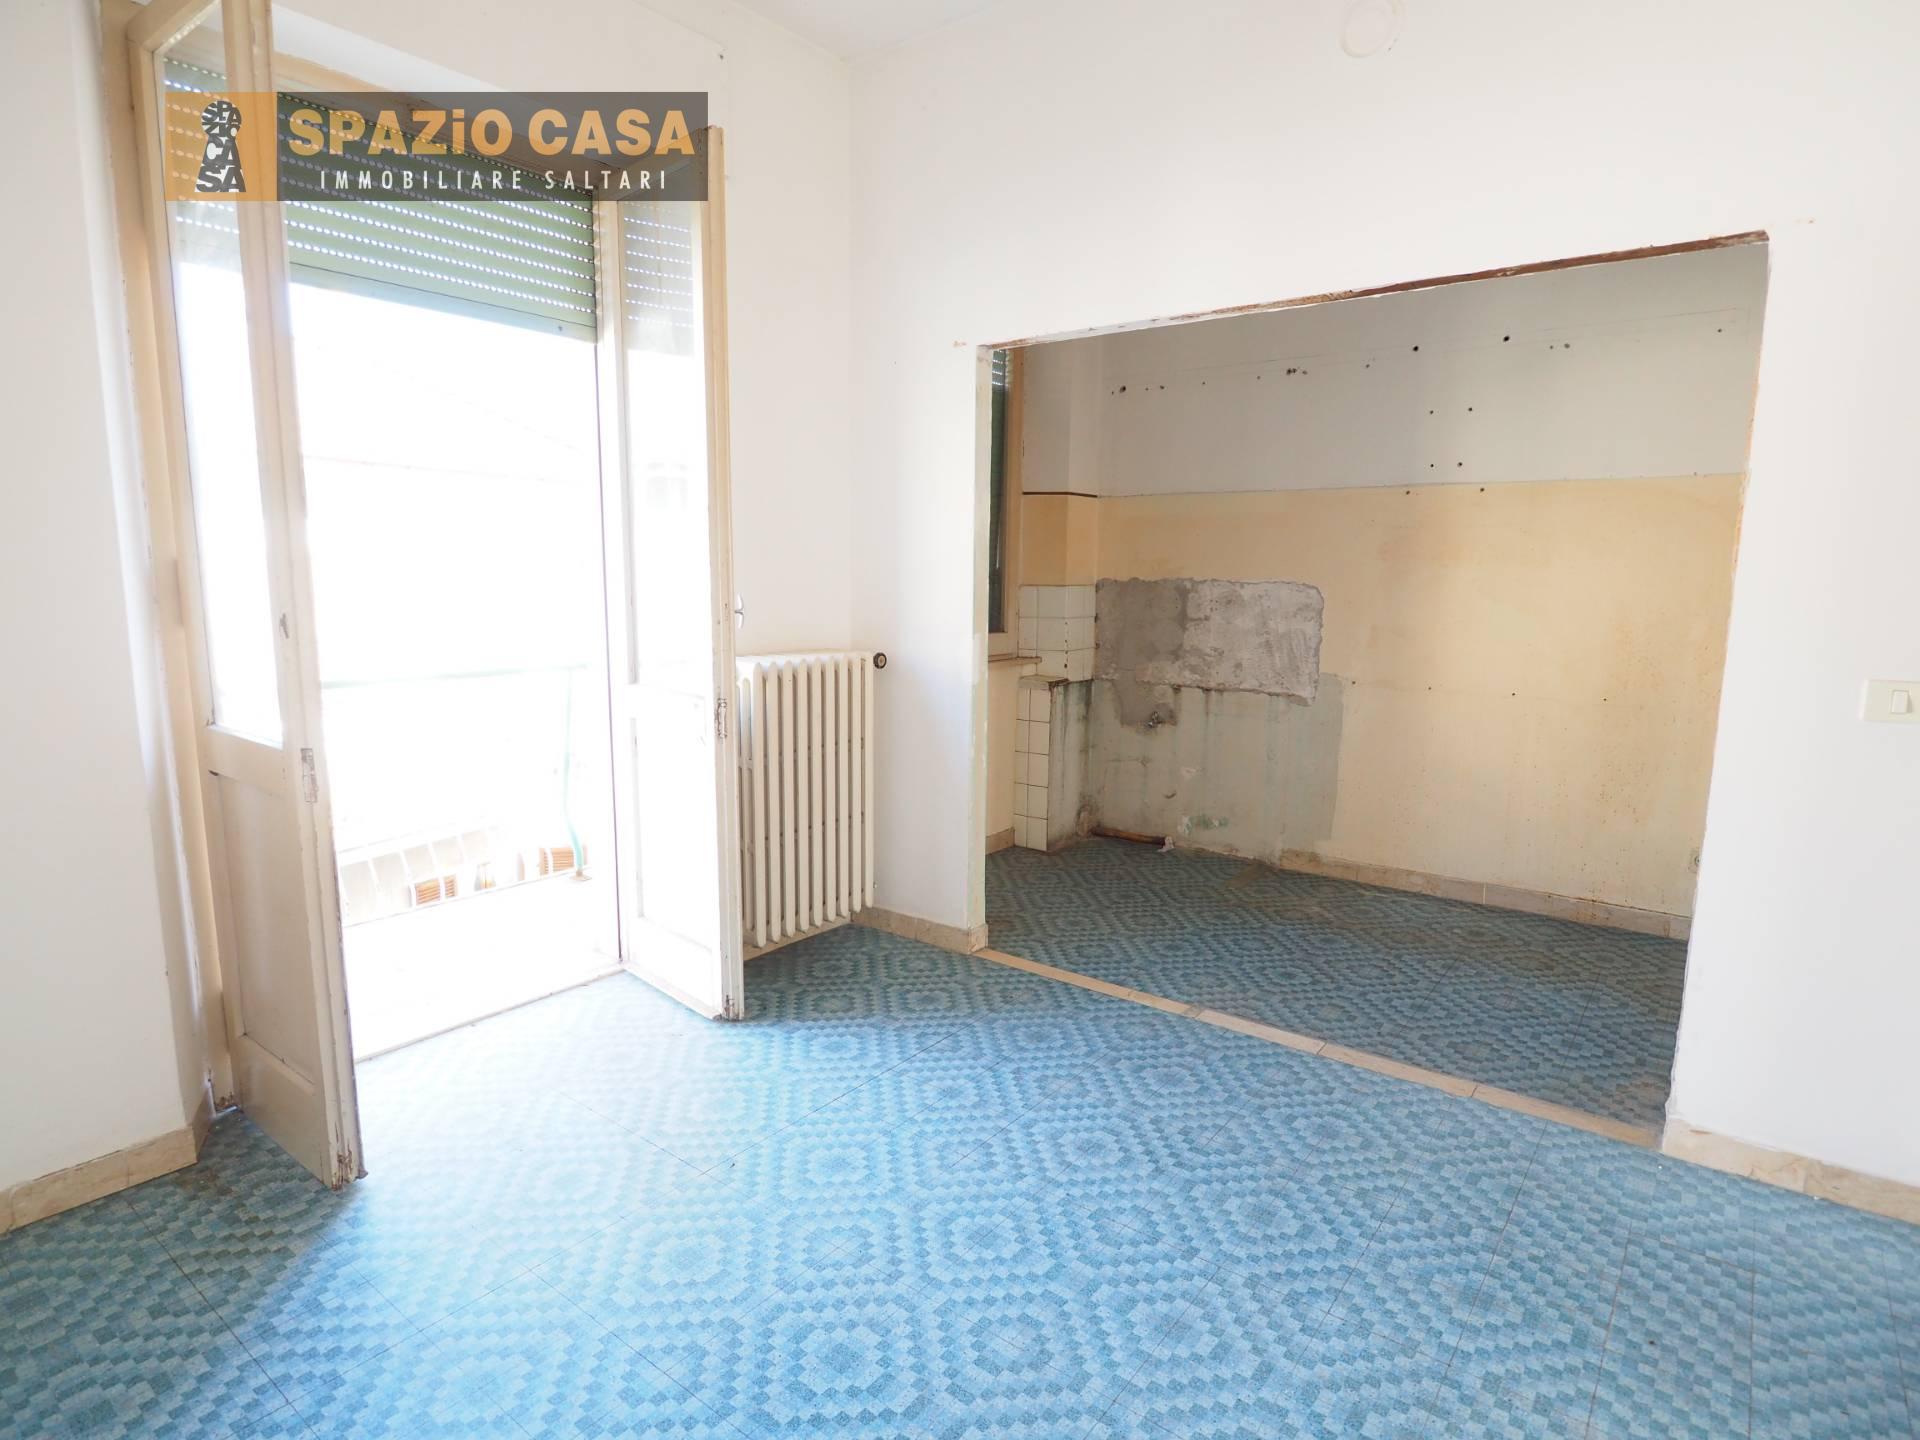 Appartamento MONTE SAN GIUSTO vendita    Spazio Casa di Massimo Saltari